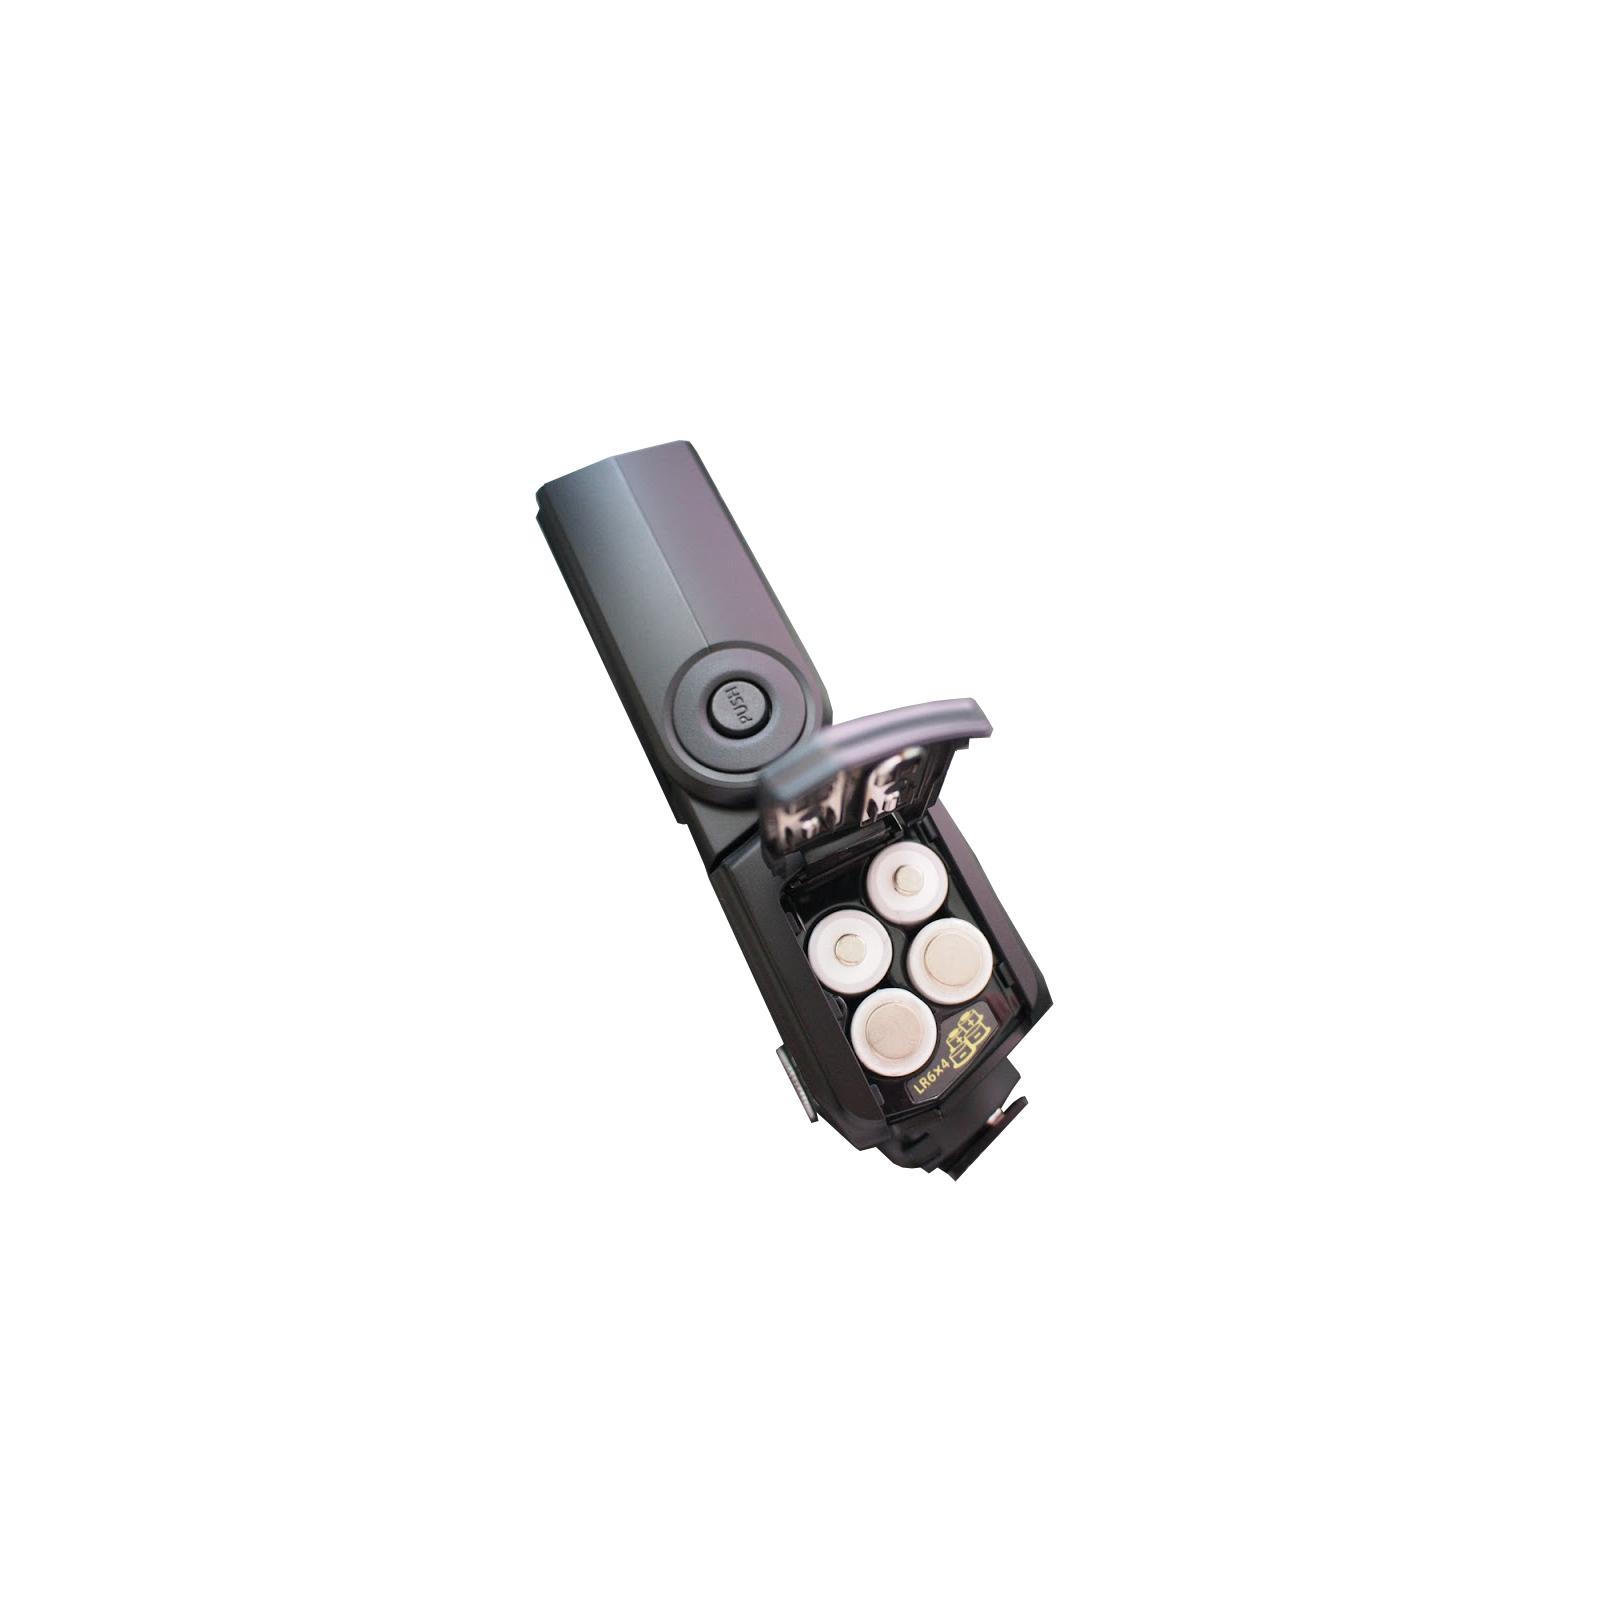 Вспышка OLYMPUS Flash FL-600R (V3261300E000) изображение 3